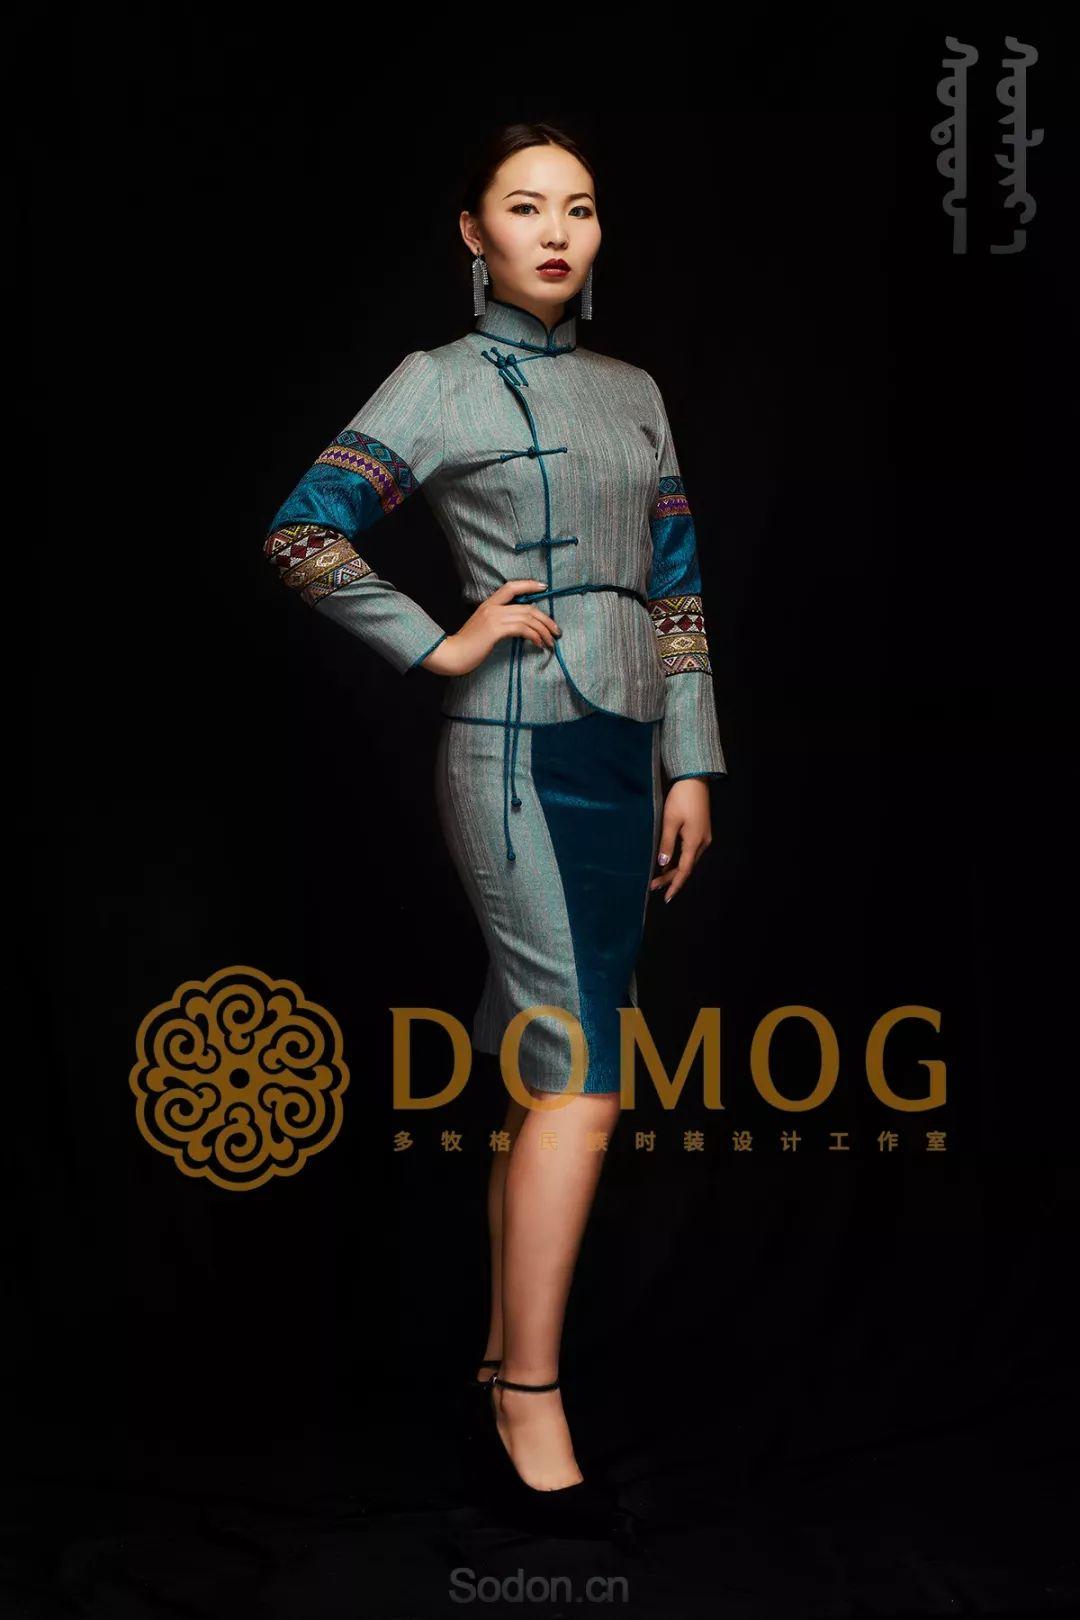 DOMOG蒙古时装绝美秋冬款系列,美出新高度! 第30张